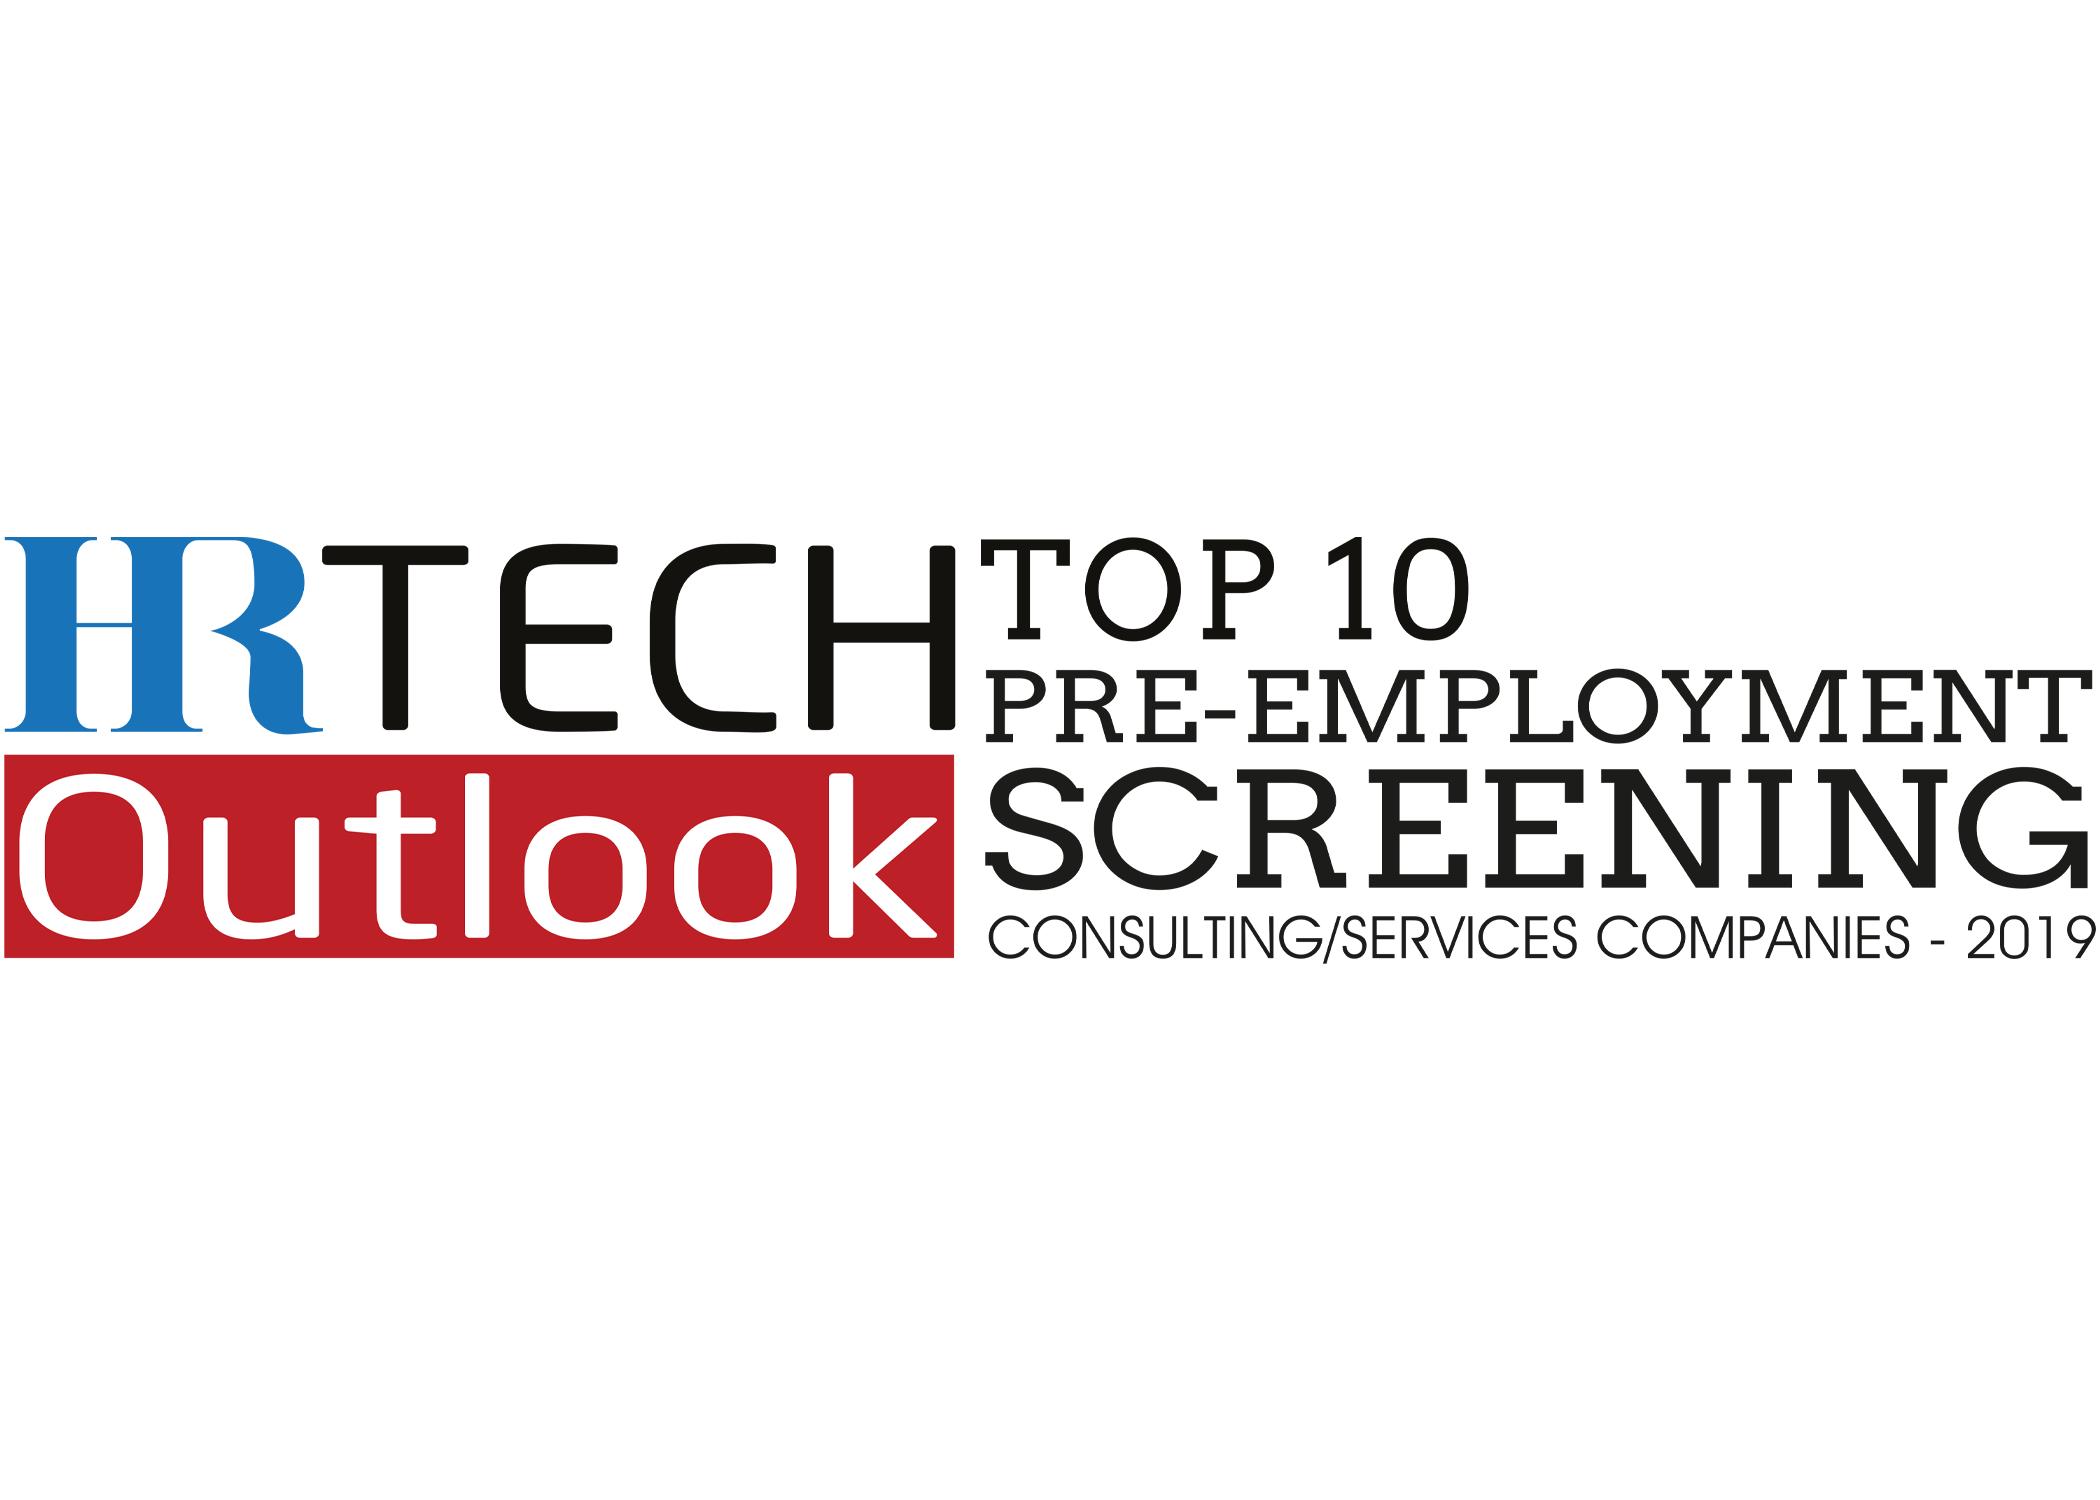 Top Ten Pre-Employment Screening Companies 2019